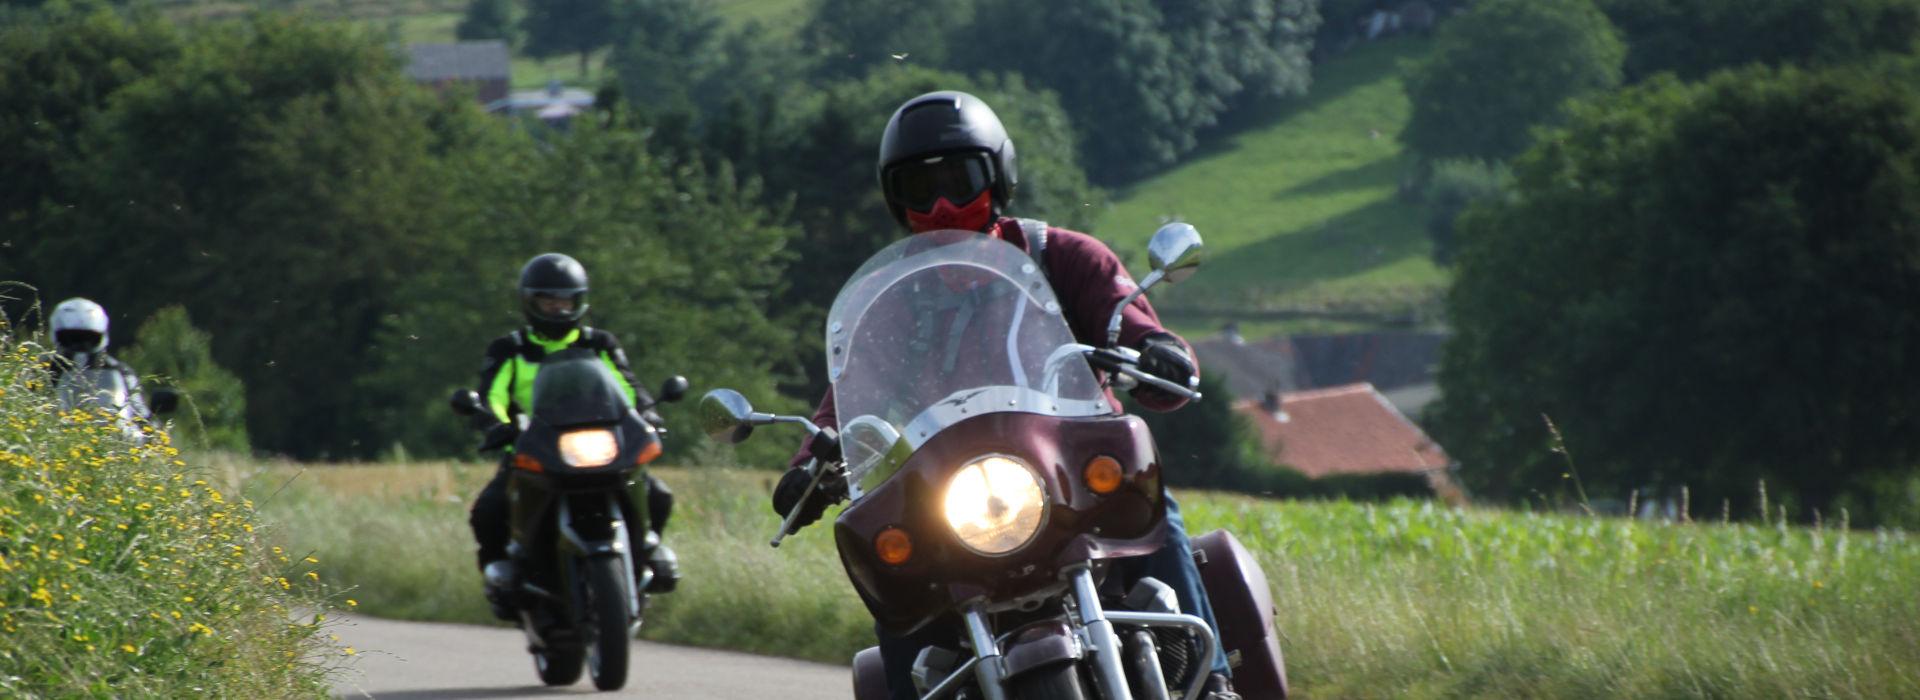 Motorrijbewijspoint Zoetermeer motorrijcholen